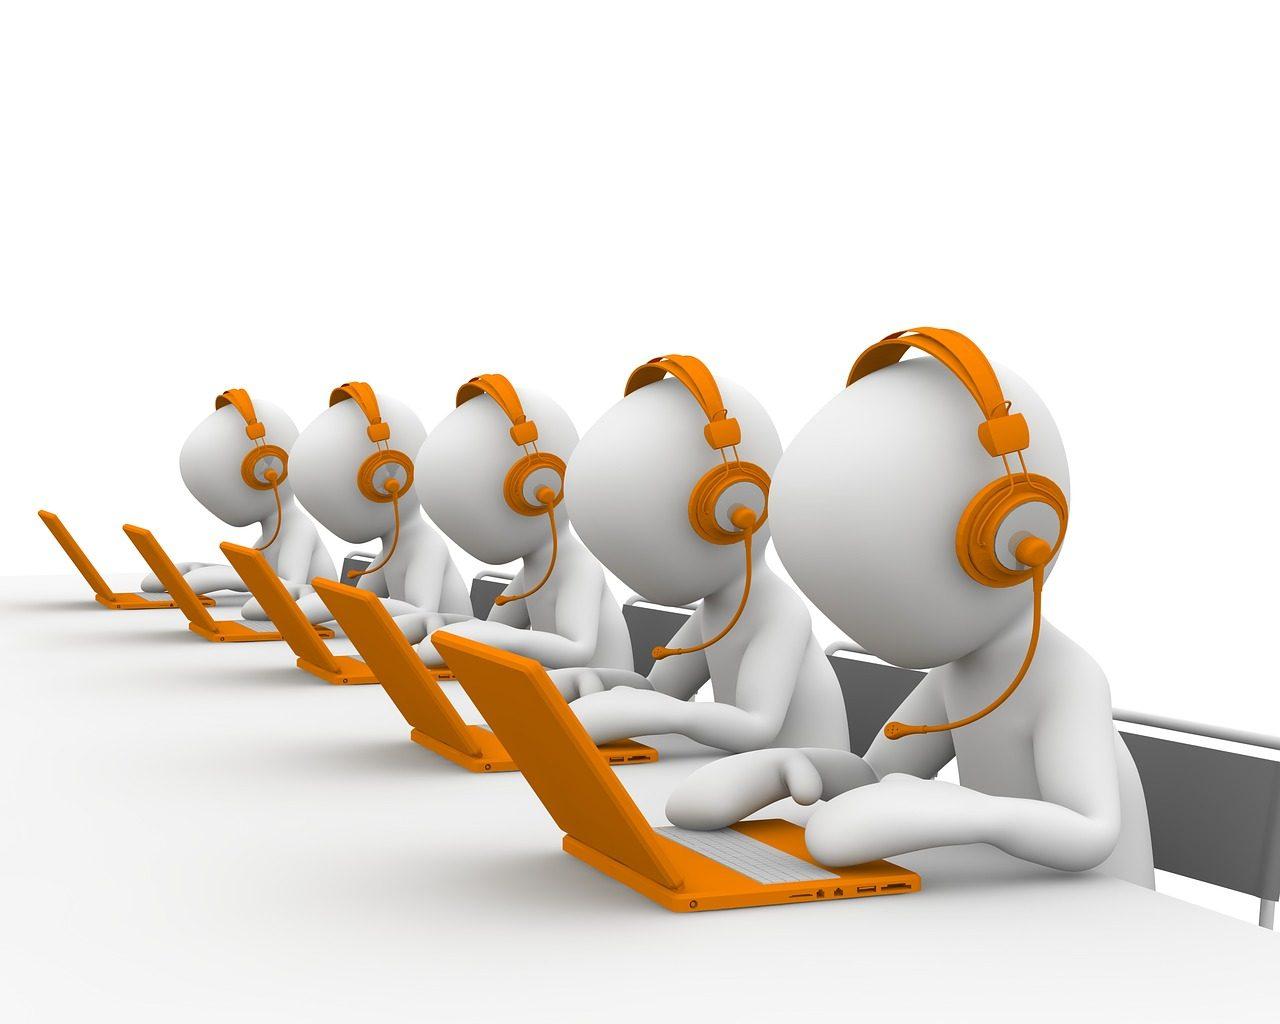 call-center-1015274_1280-1280x1024.jpg